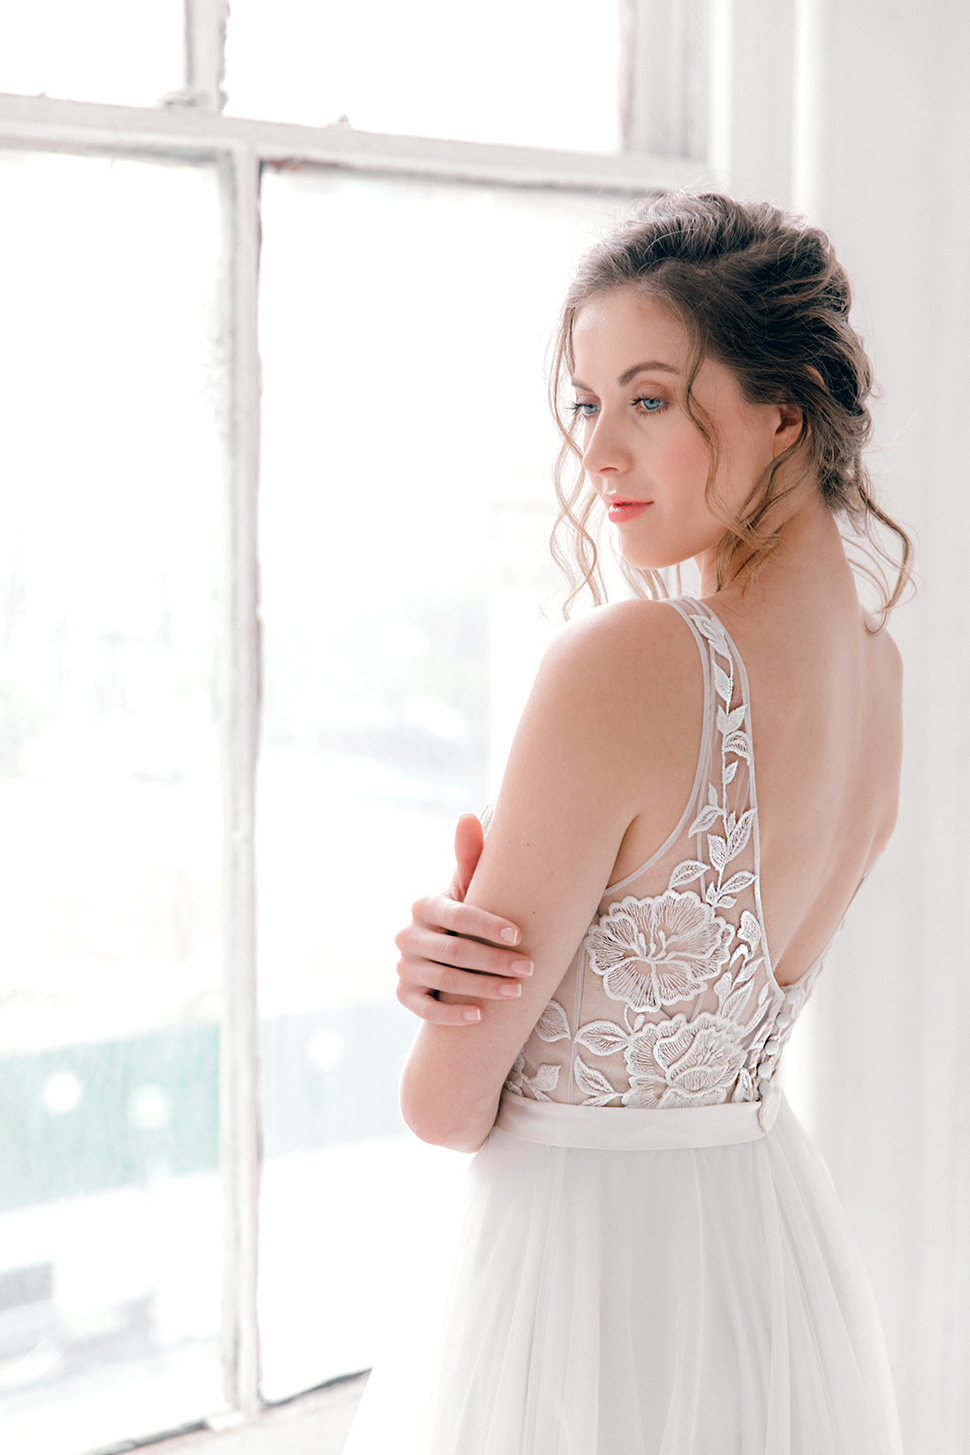 Marina Semone-look-book-2.jpg